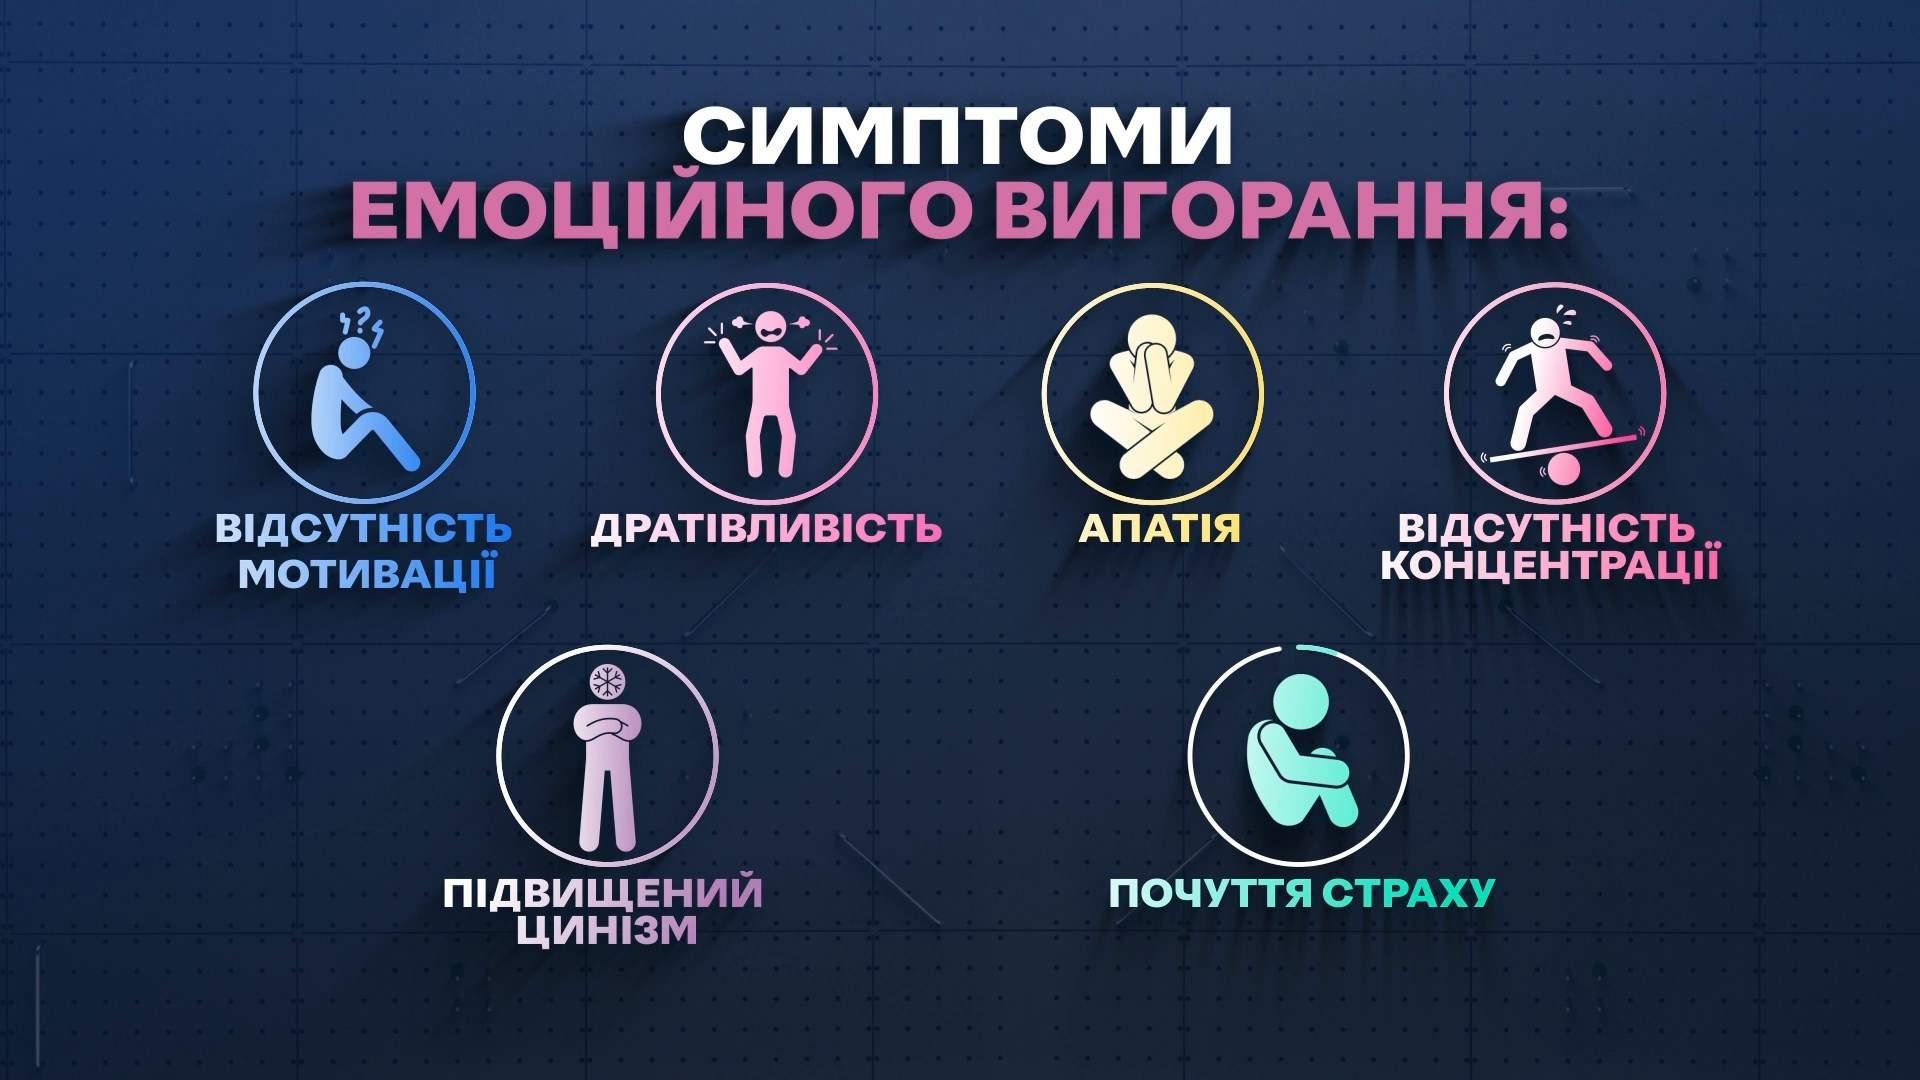 симптоми емоційного вигорання